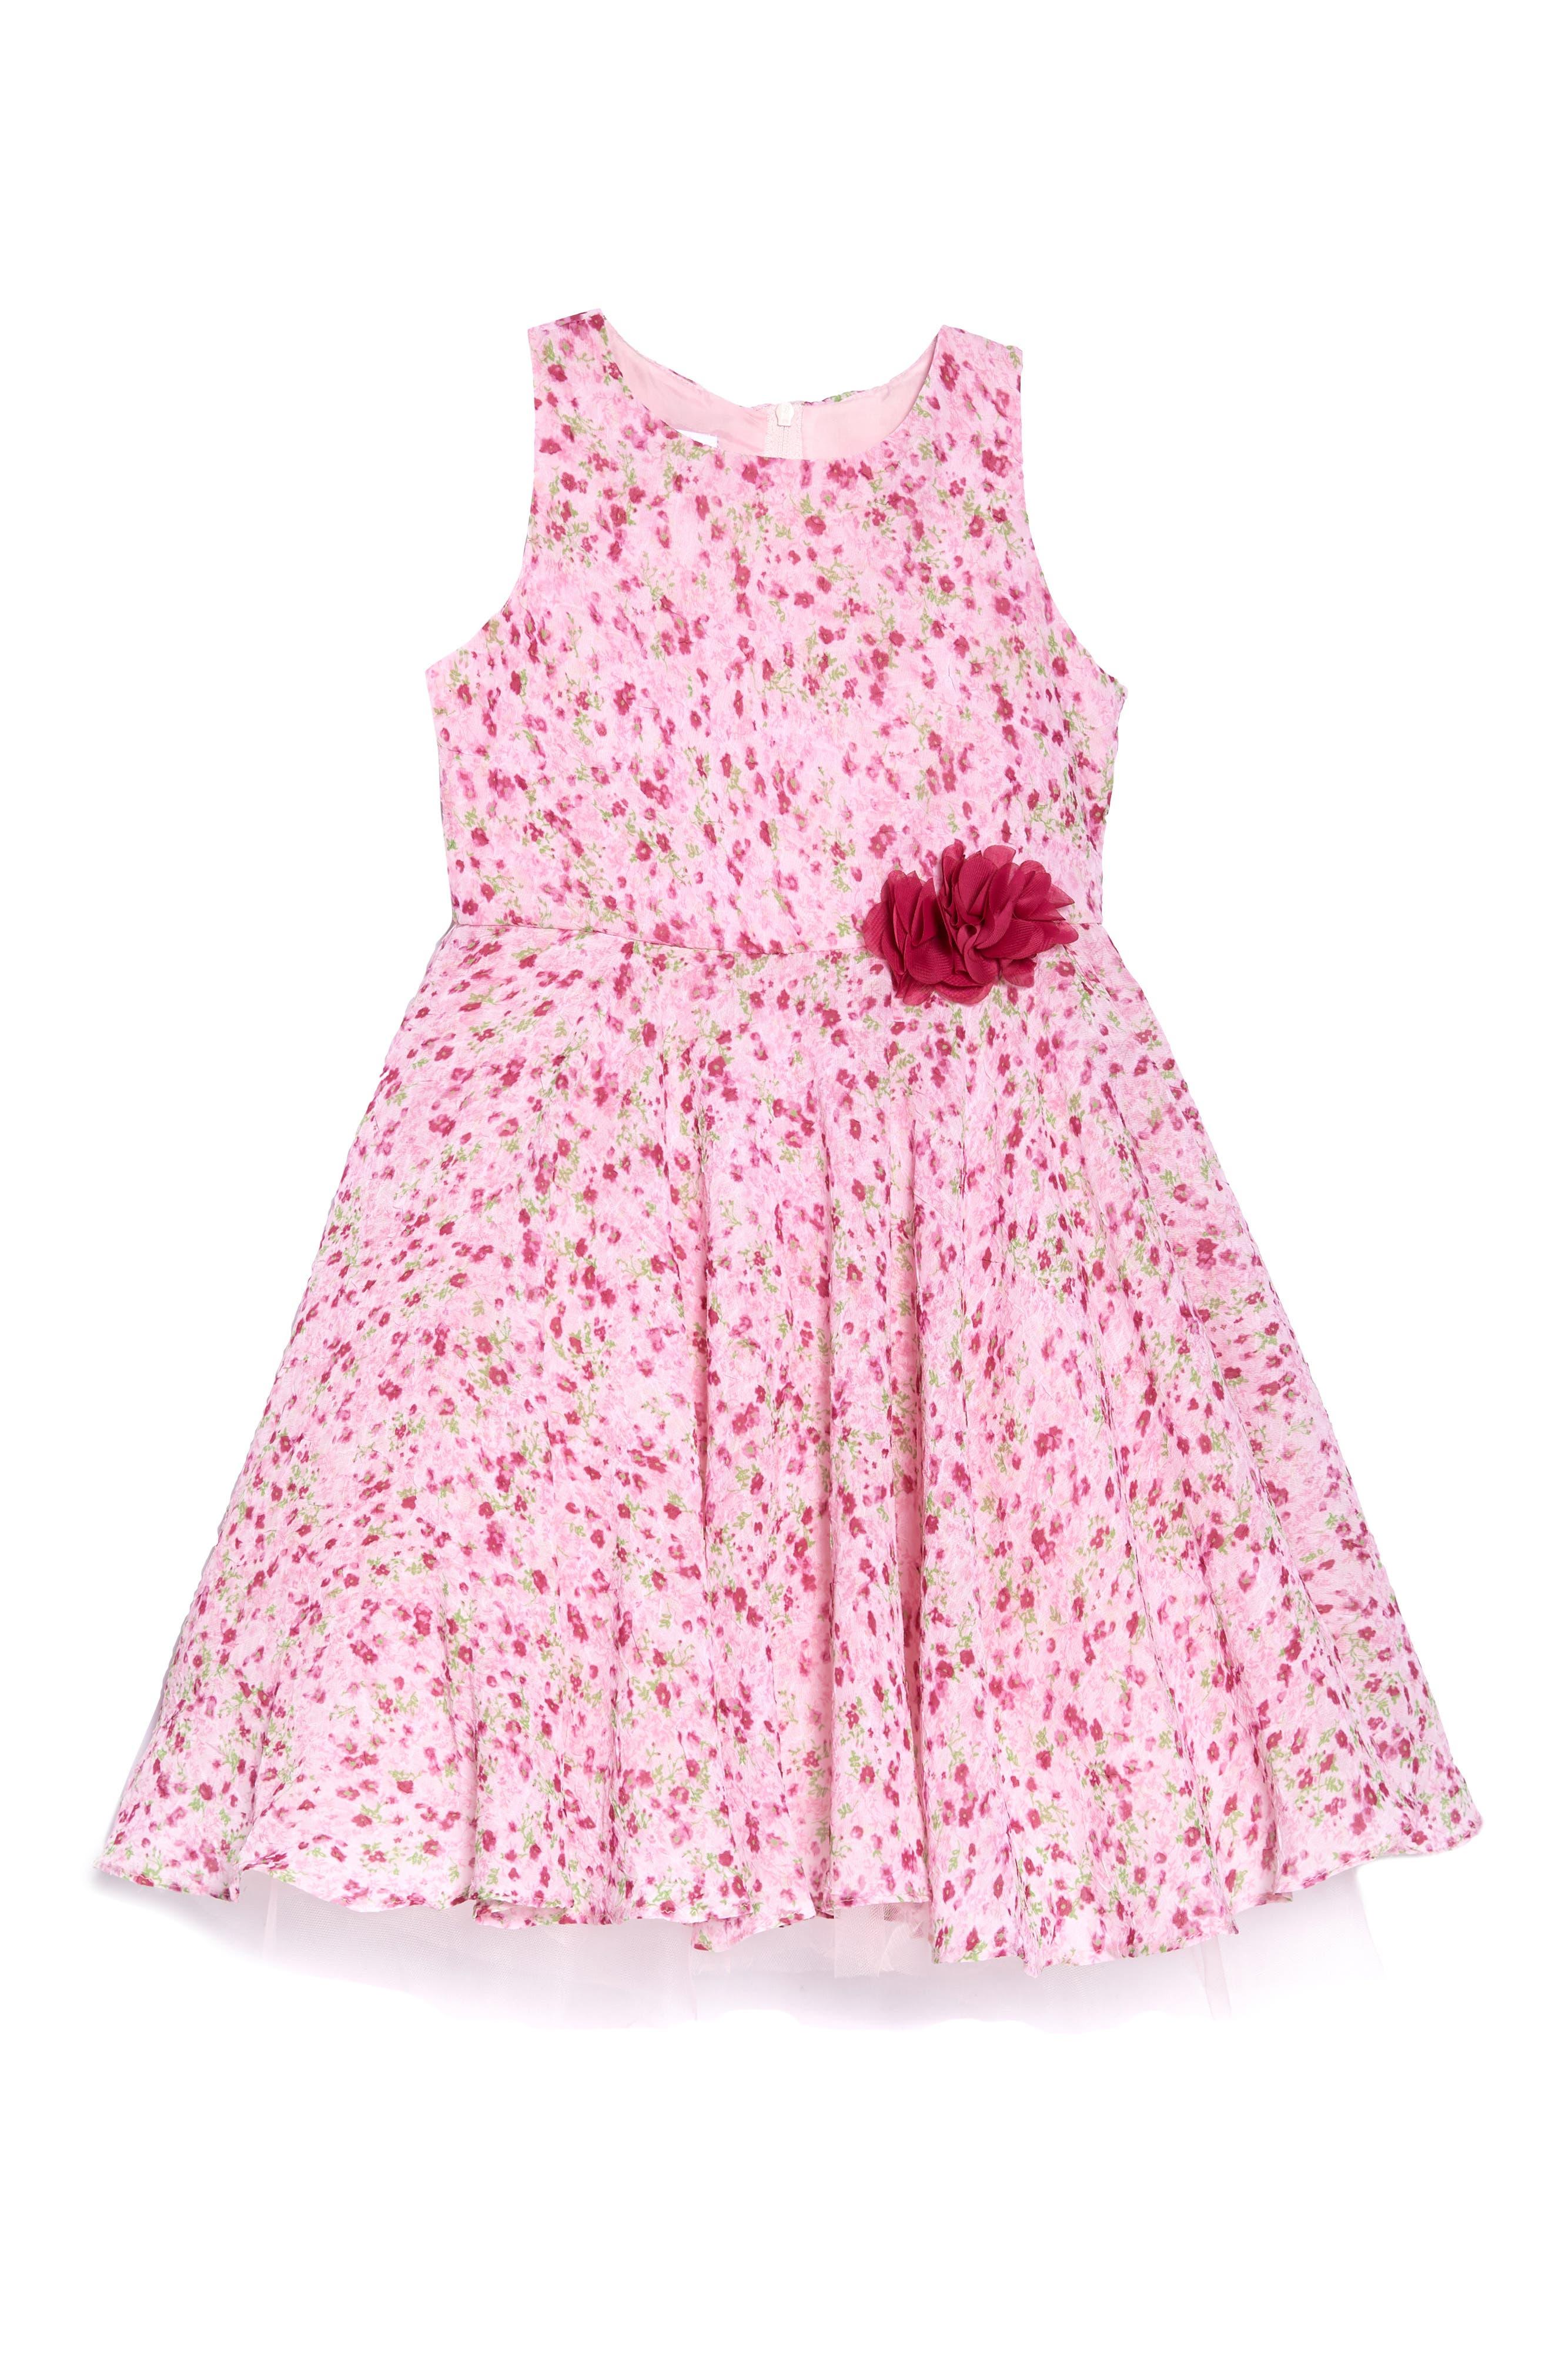 Frais Floral Print Chiffon Dress (Toddler Girls, Little Girls & Big Girls)